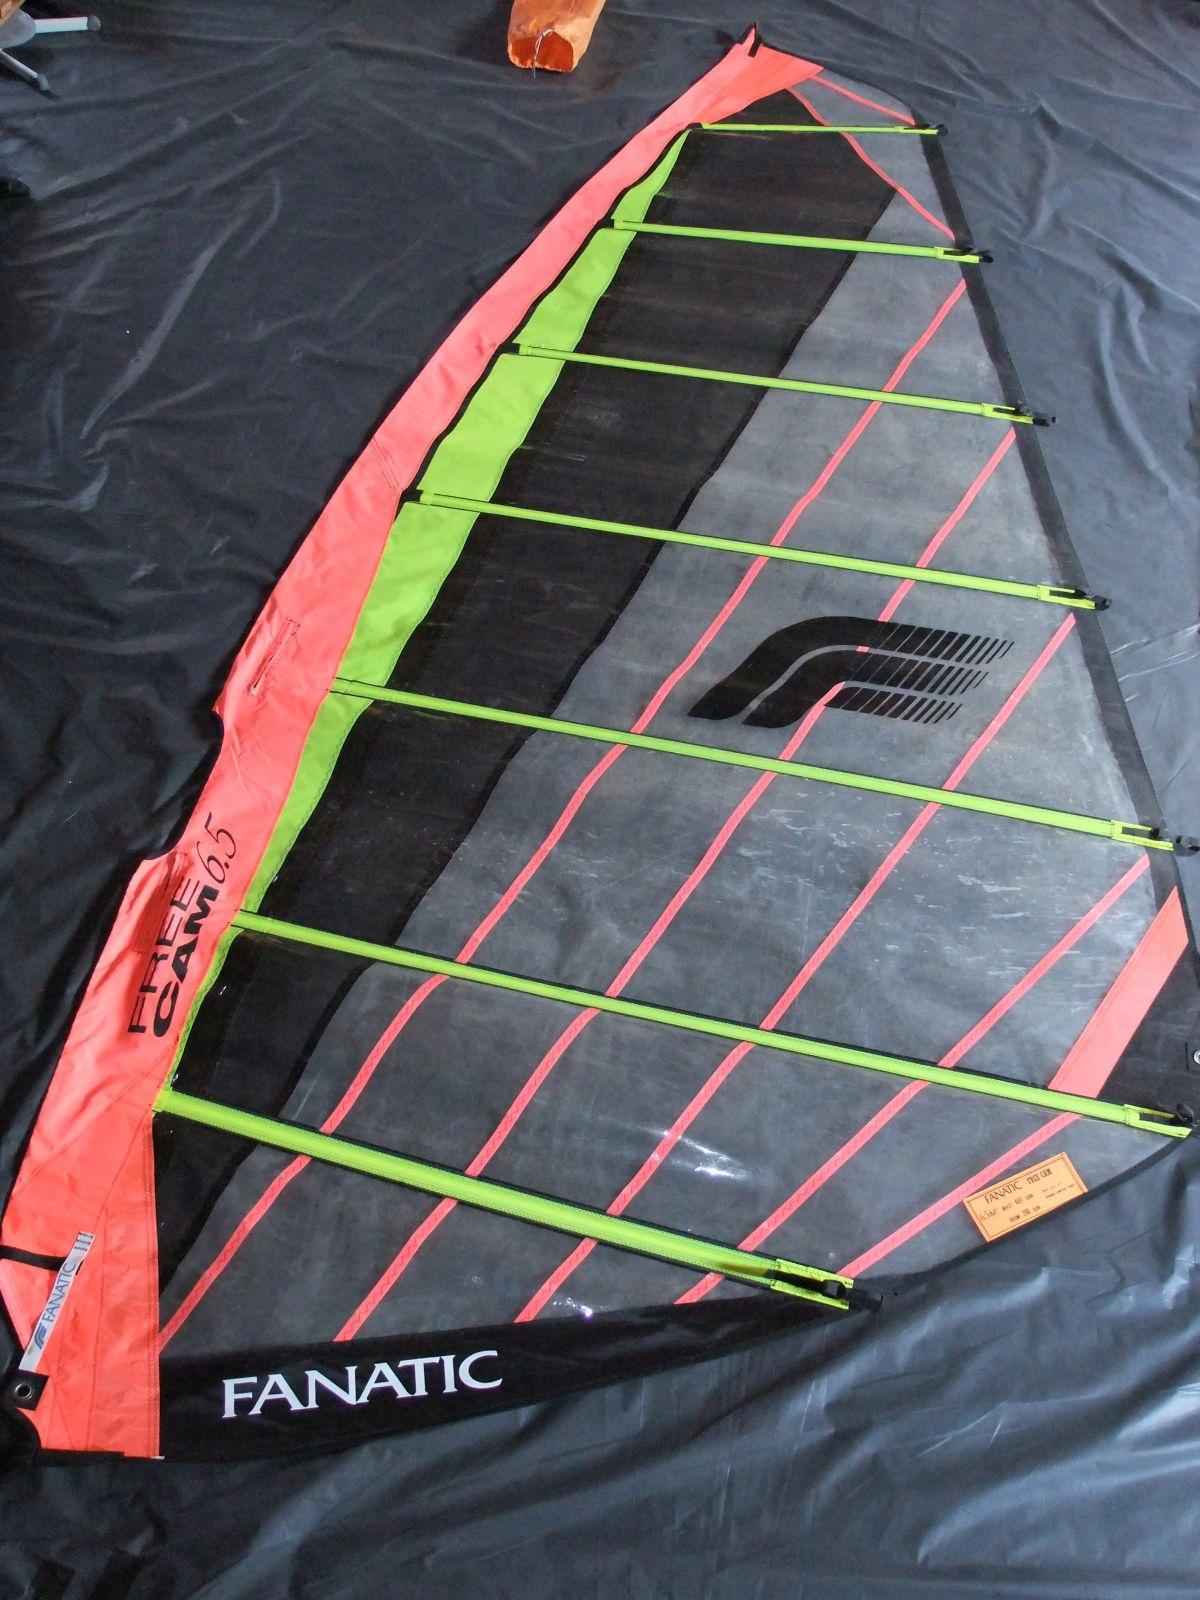 Żagiel do windsurfingu FANATIC .-pow.6,5 m